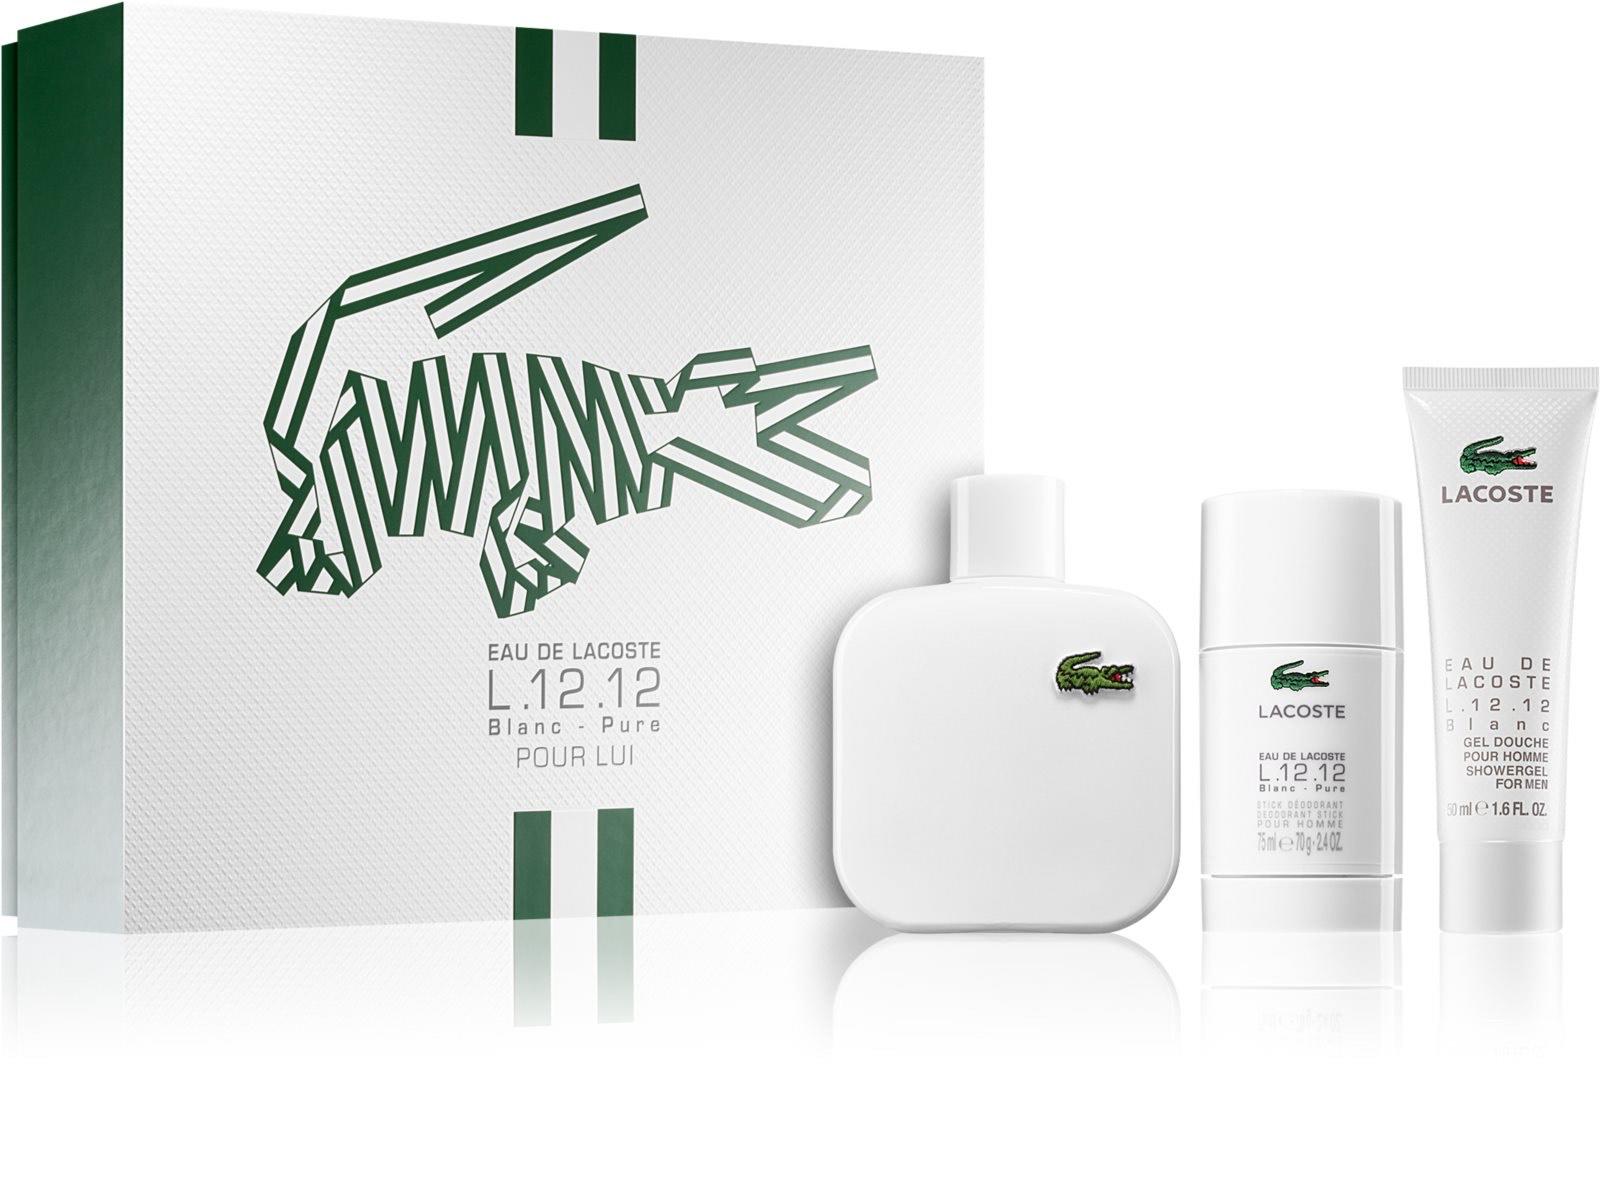 Coffret Homme Eau de toilette Lacoste L.12.12 Blanc 100 ml + Déodorant stick 75 ml + Gel de douche 50 ml